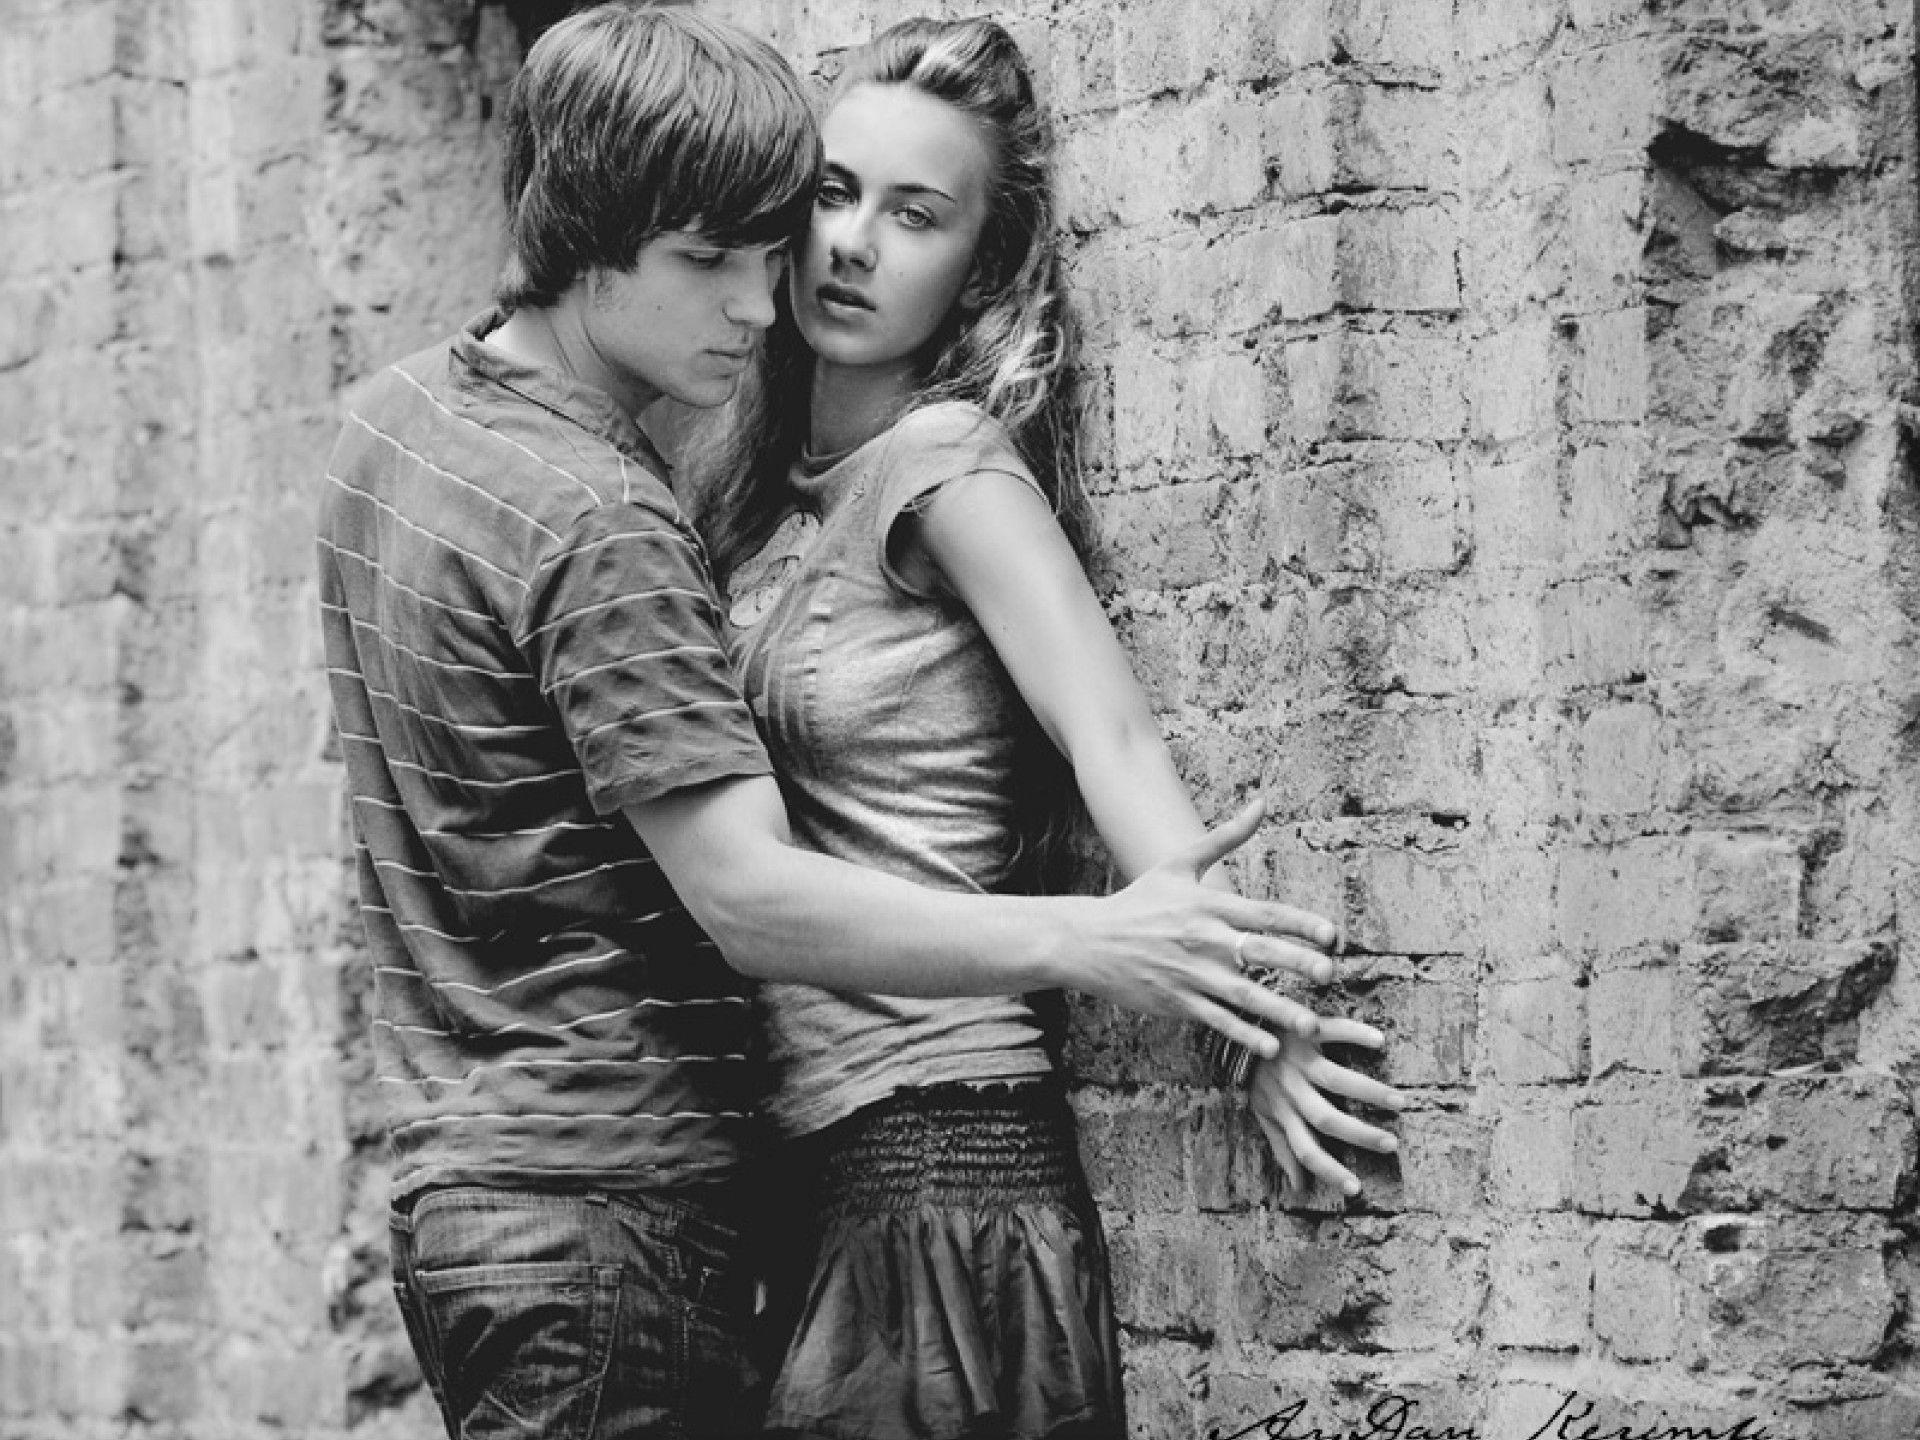 61+ New Love Romantic Wallpaper Download Terbaik